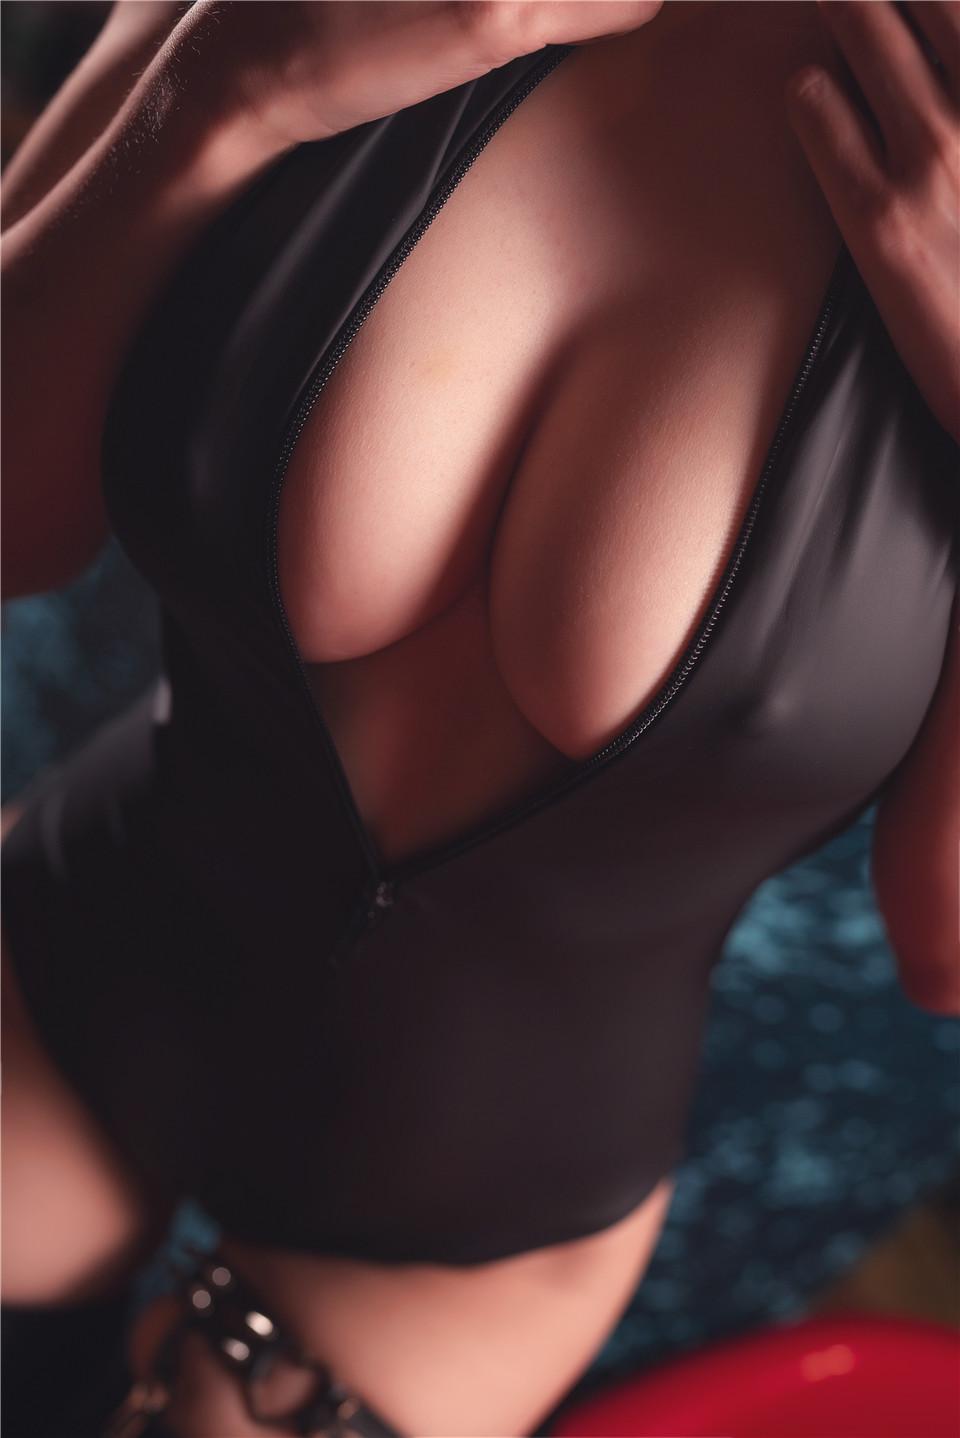 婴紫-炸毛总裁不艹粉 – NO.03 开胸 [17P-183MB]